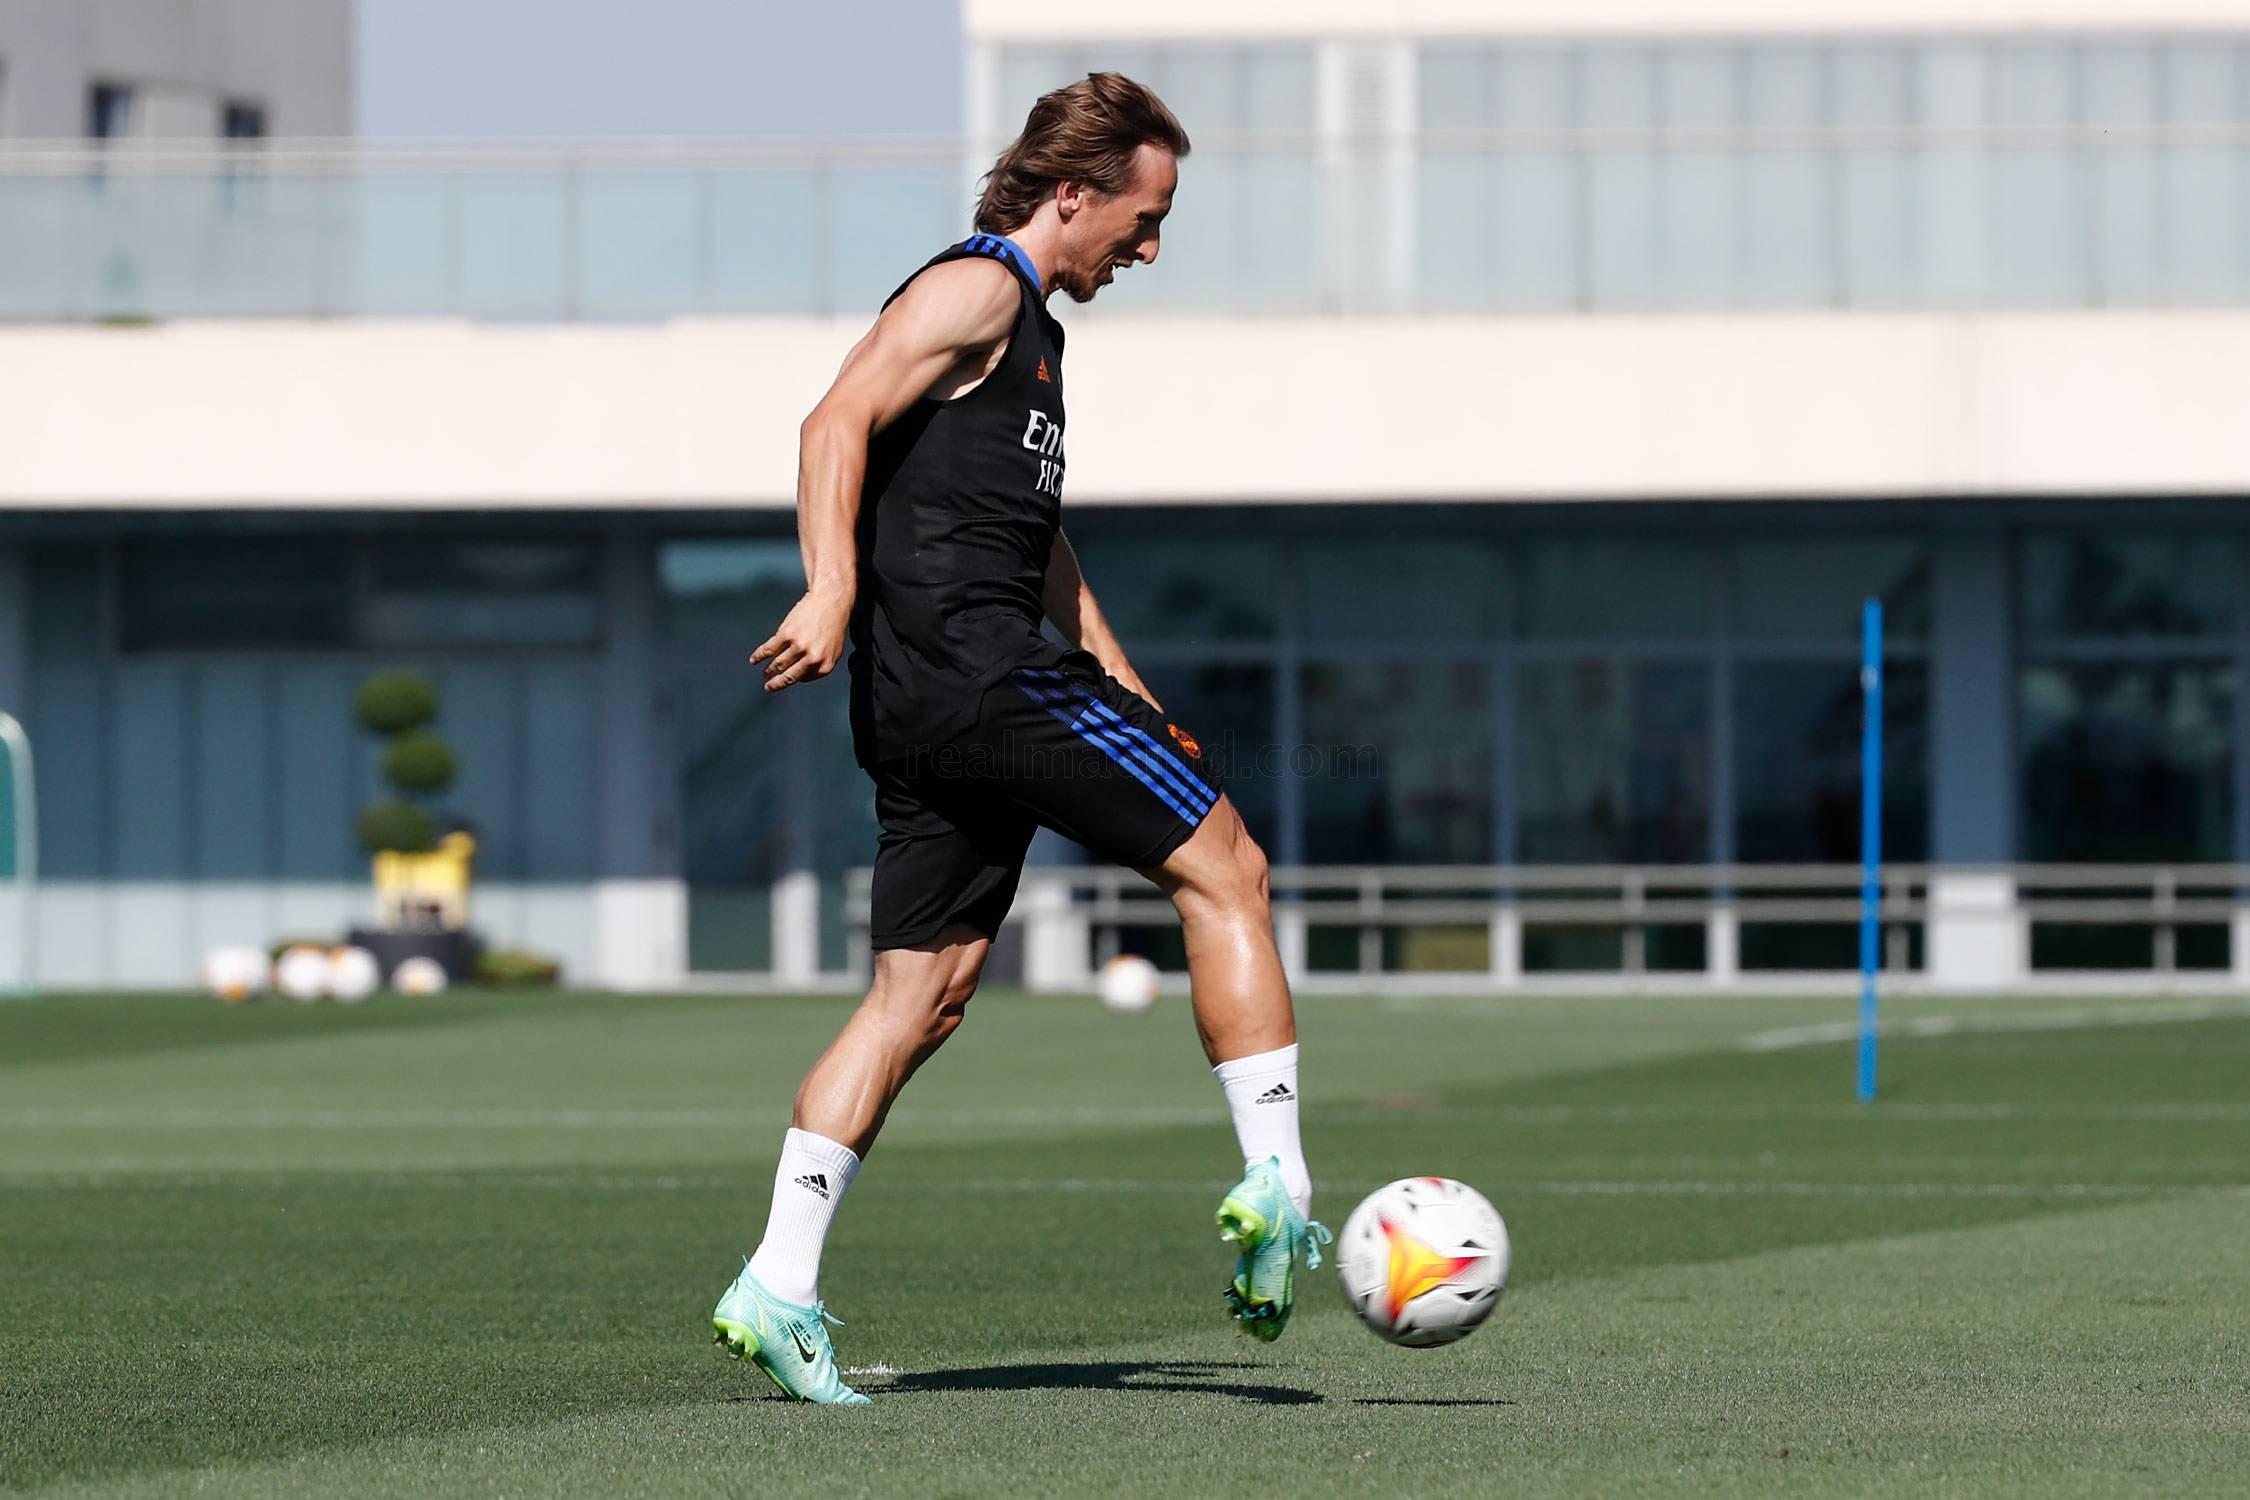 Entrenamiento del Real Madrid  - 28-09-2021